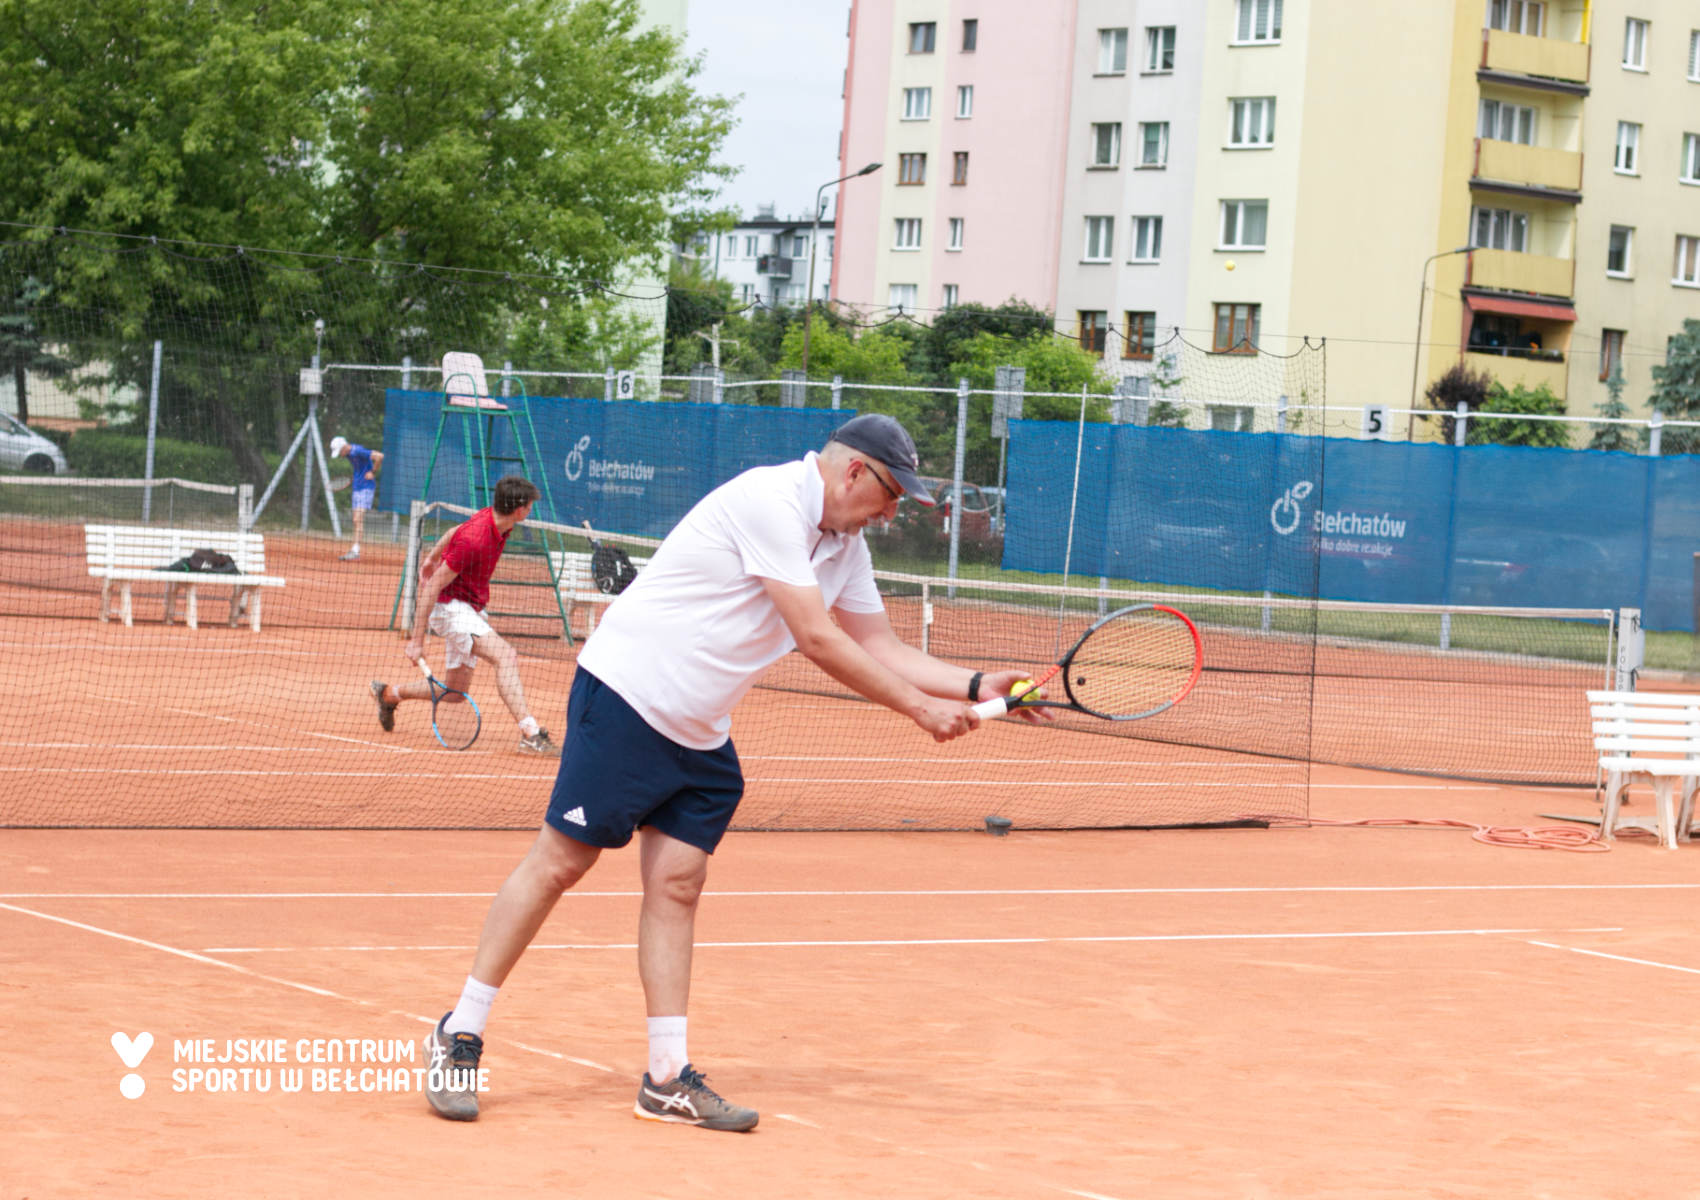 zdjęcie przedstawia mężczyznę w stroju sportowym, który w ręku trzyma rakietę i piłkę do tenisa ziemnego